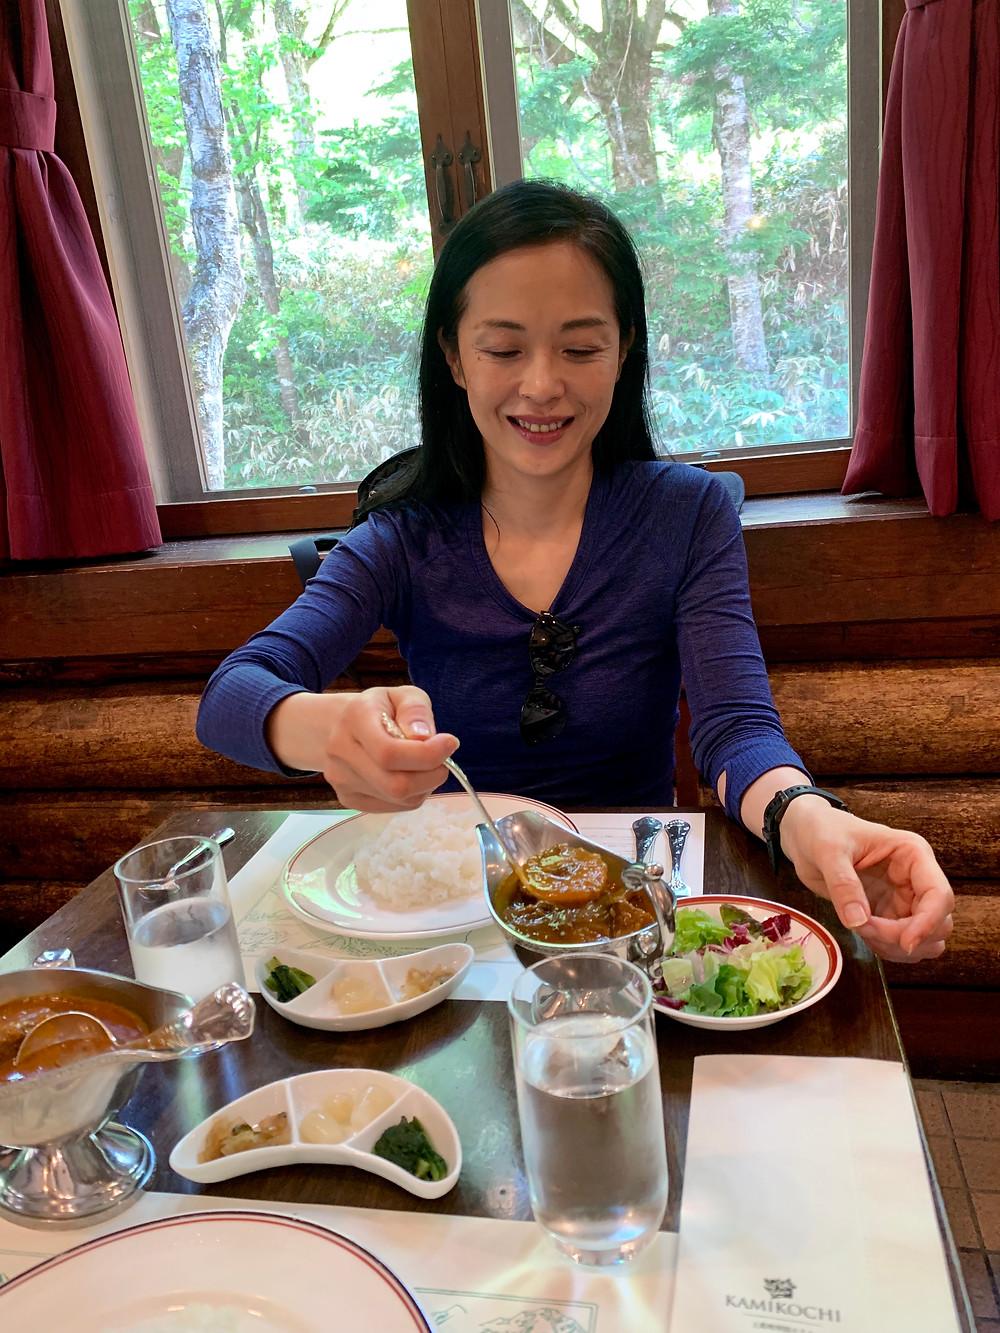 上高地帝国ホテル(昼食)